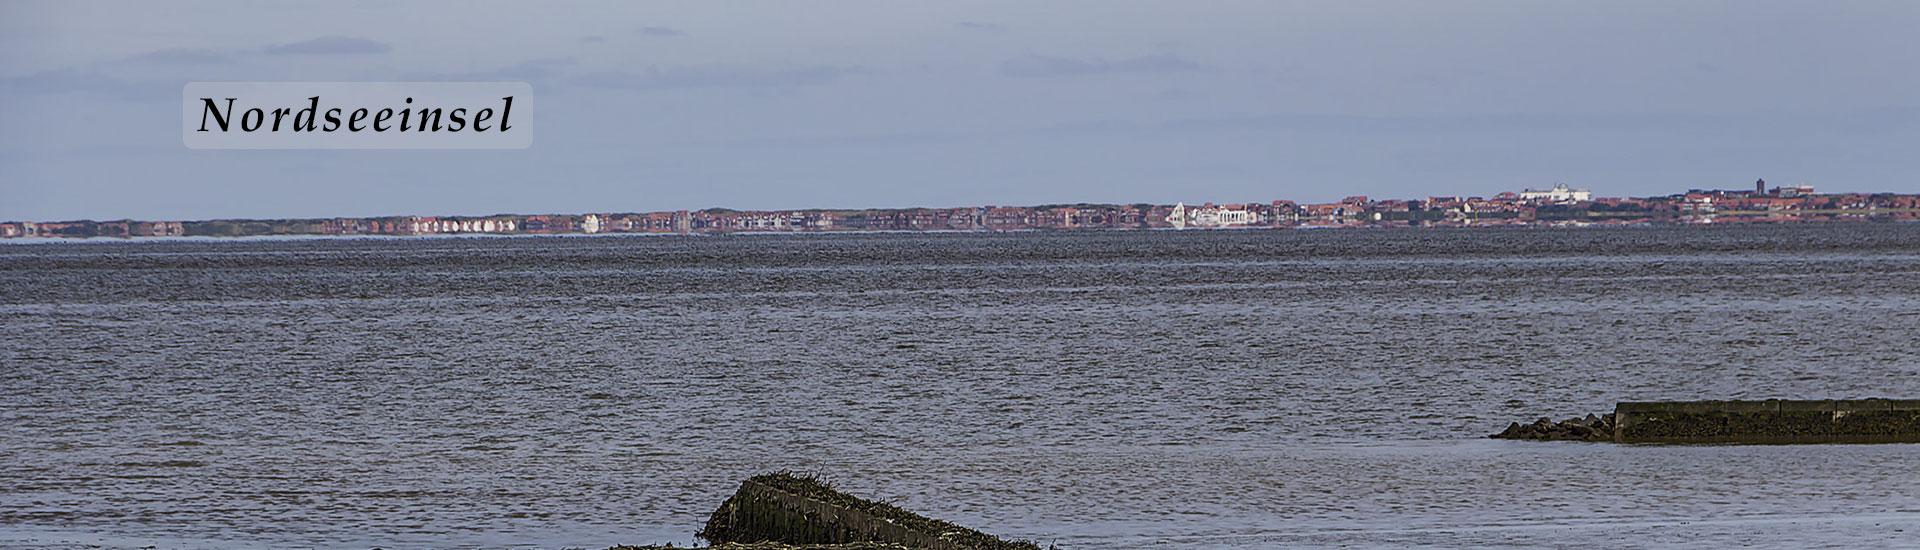 Nordseeinsel